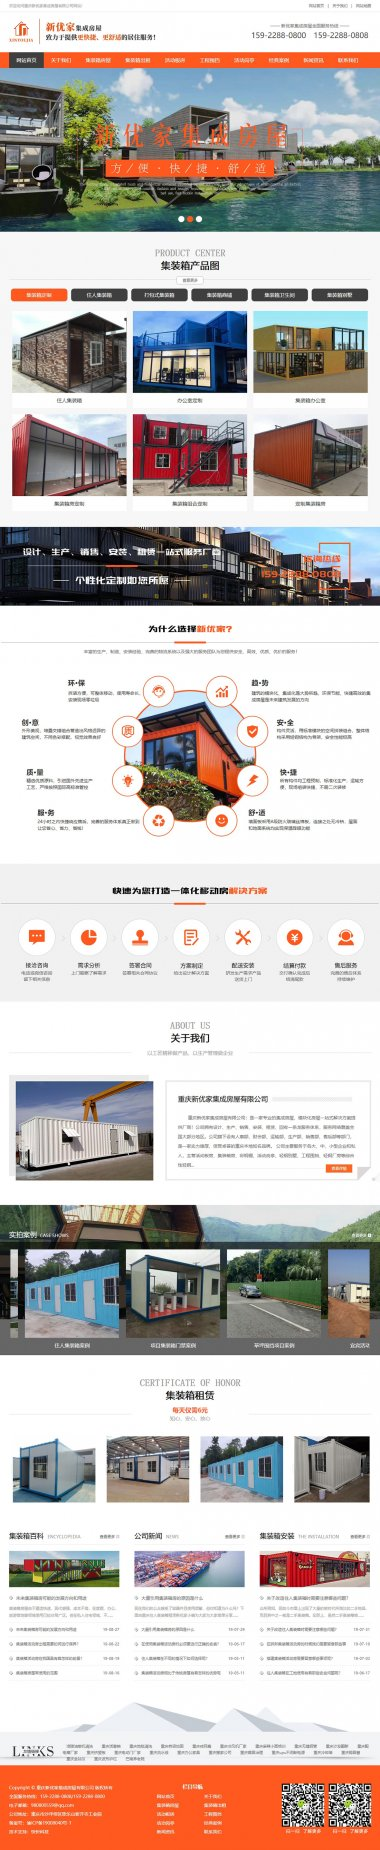 重庆新优家集成房屋有限公司网站建设公司